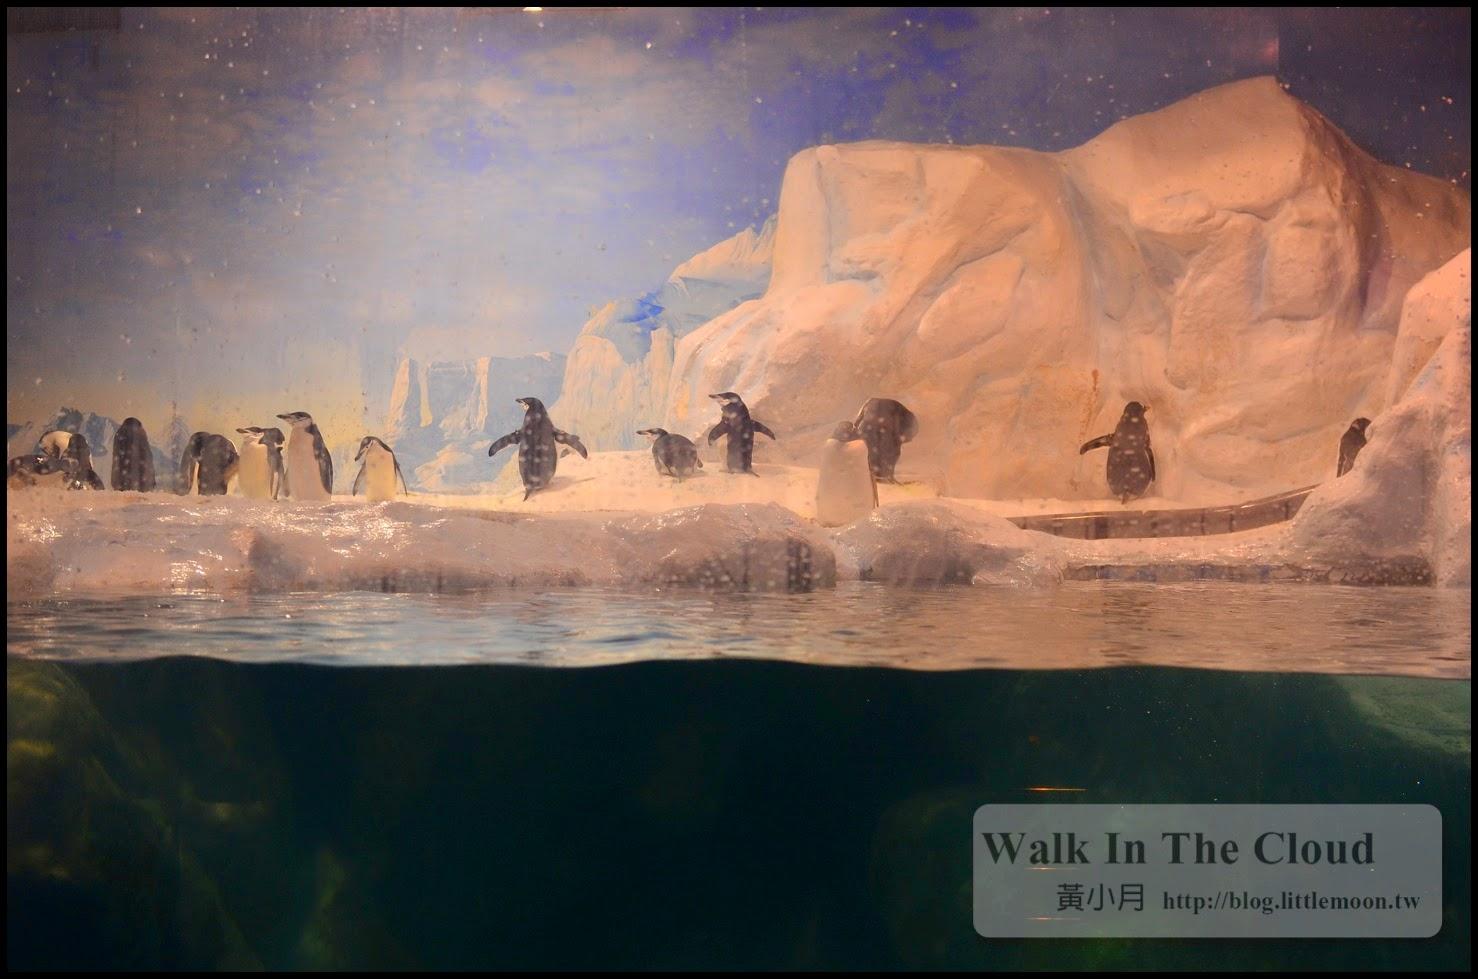 企鵝排排站